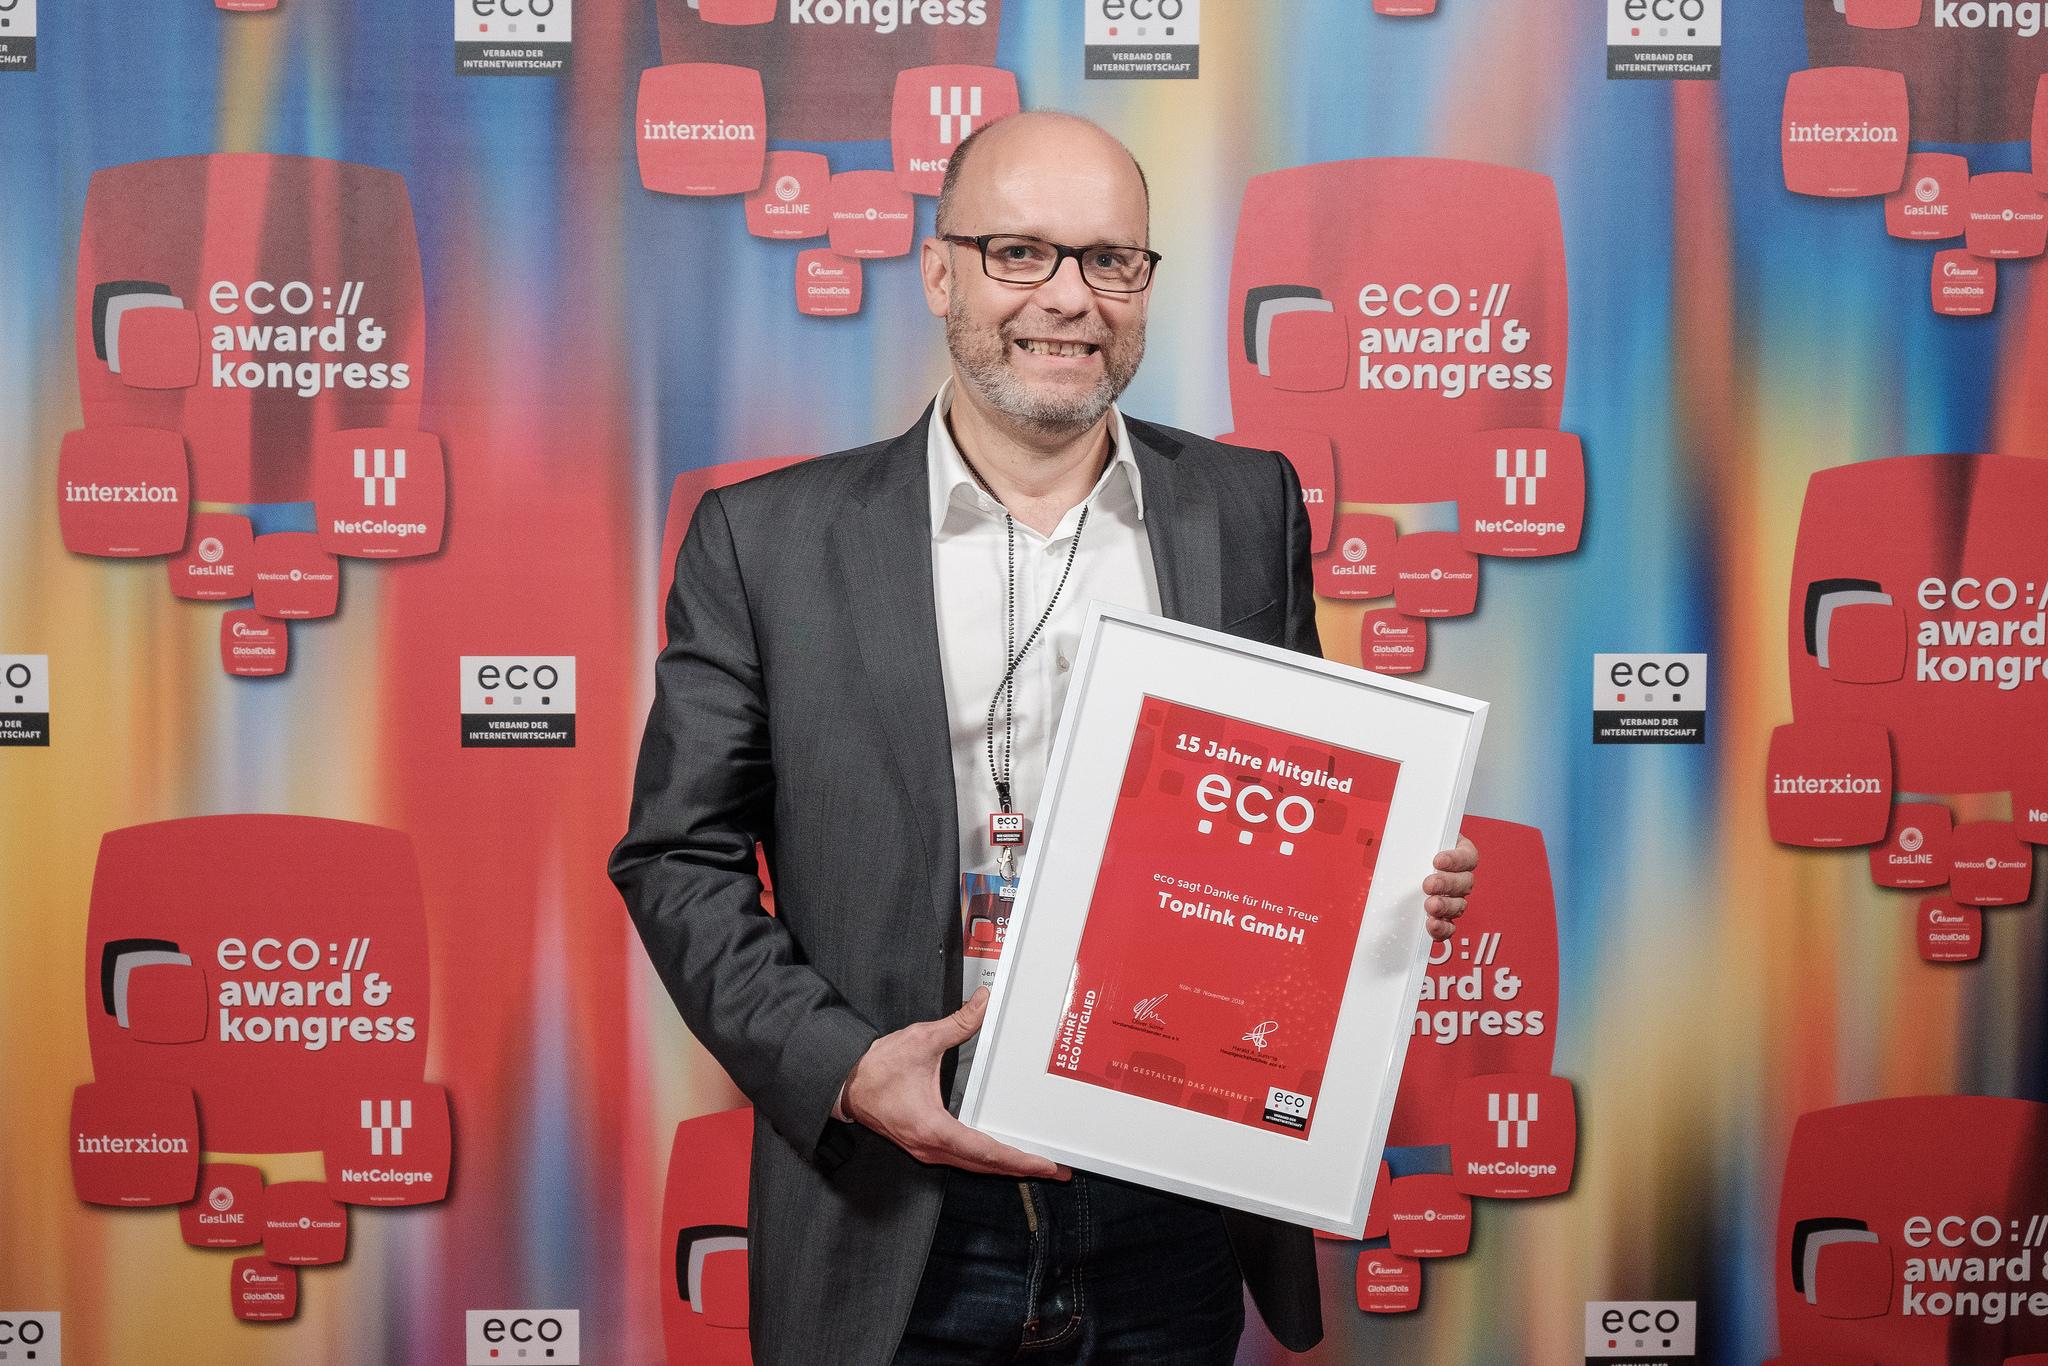 eco://kongress & eco:awards: Gemeinsam die digitale Zukunft gestalten 24